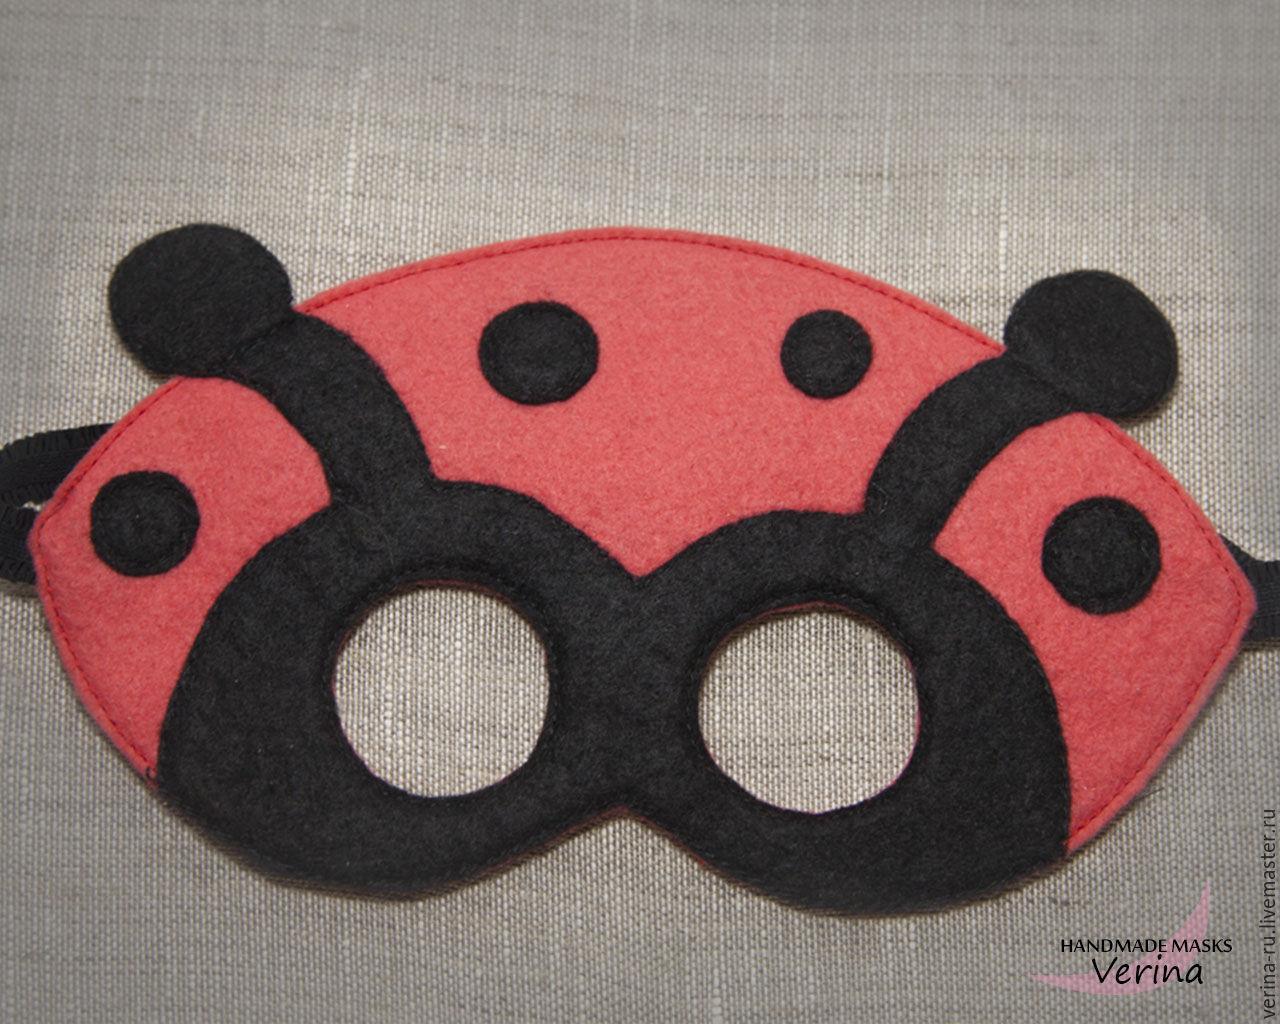 Чехол для маски своими руками